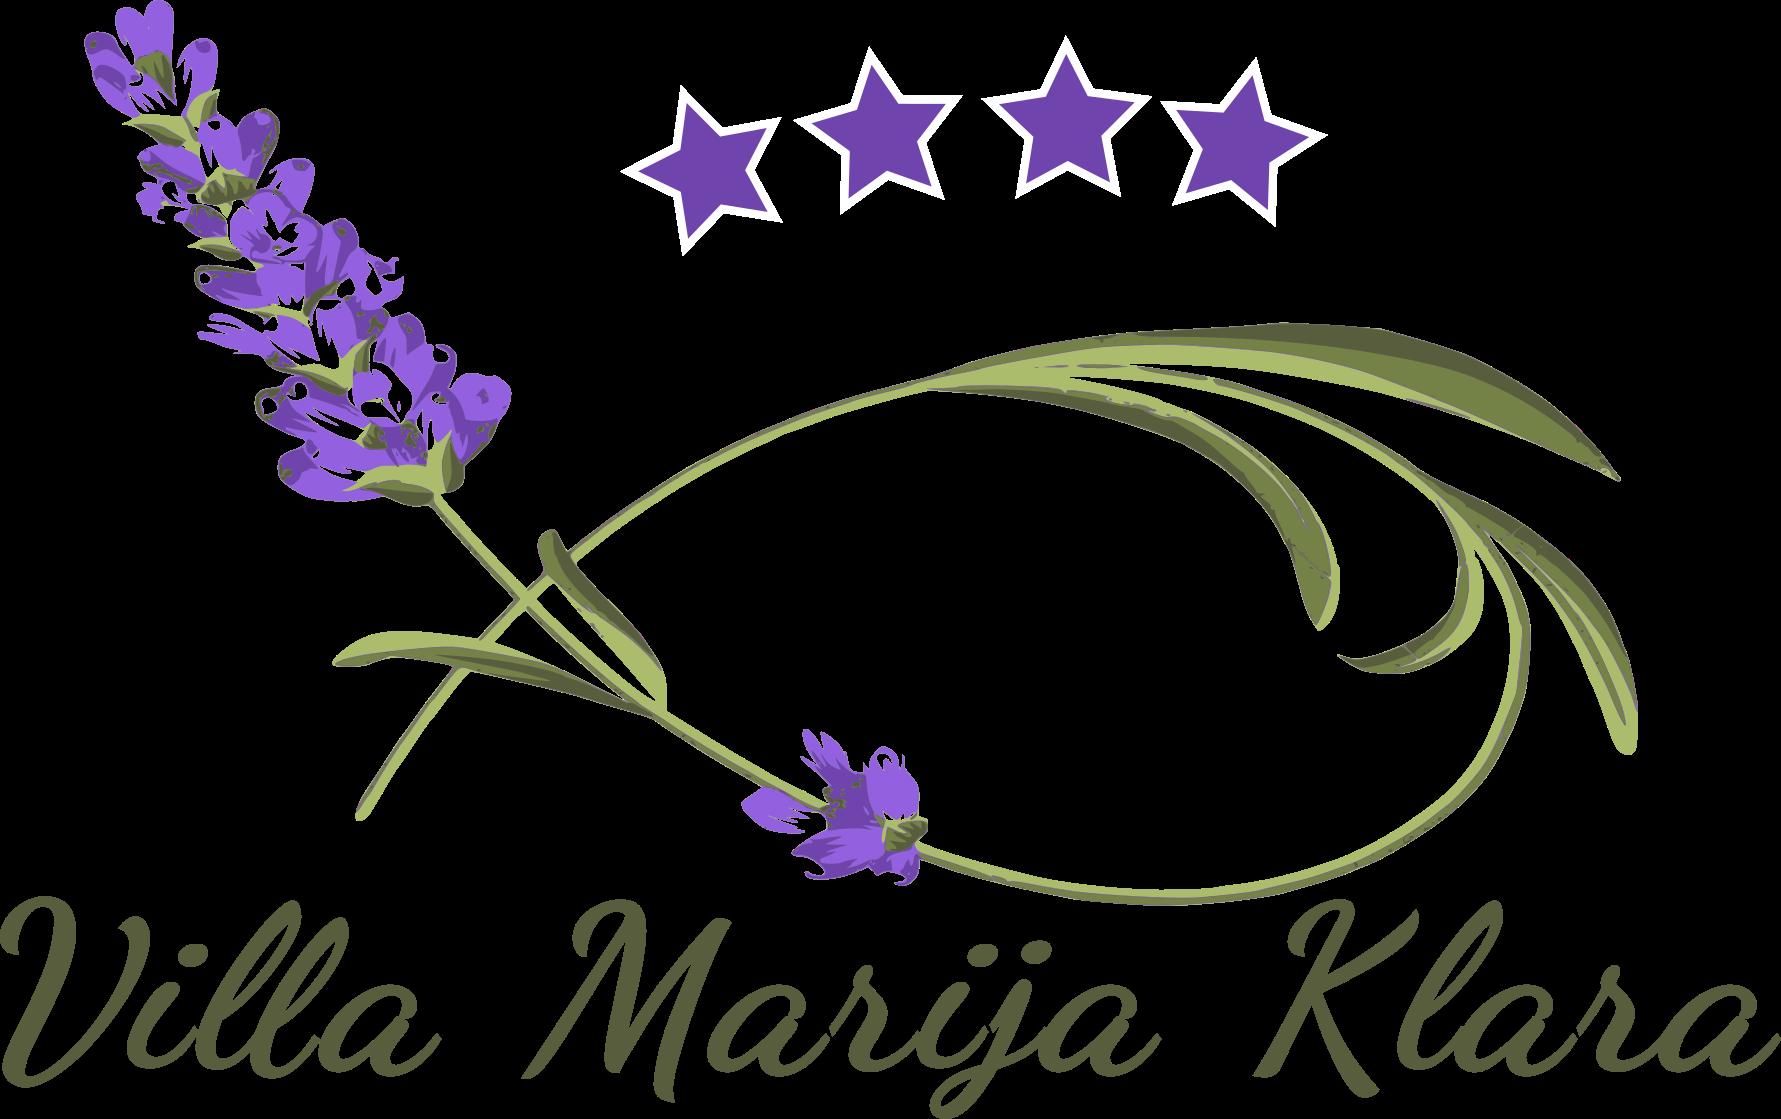 Villa Marija Klara